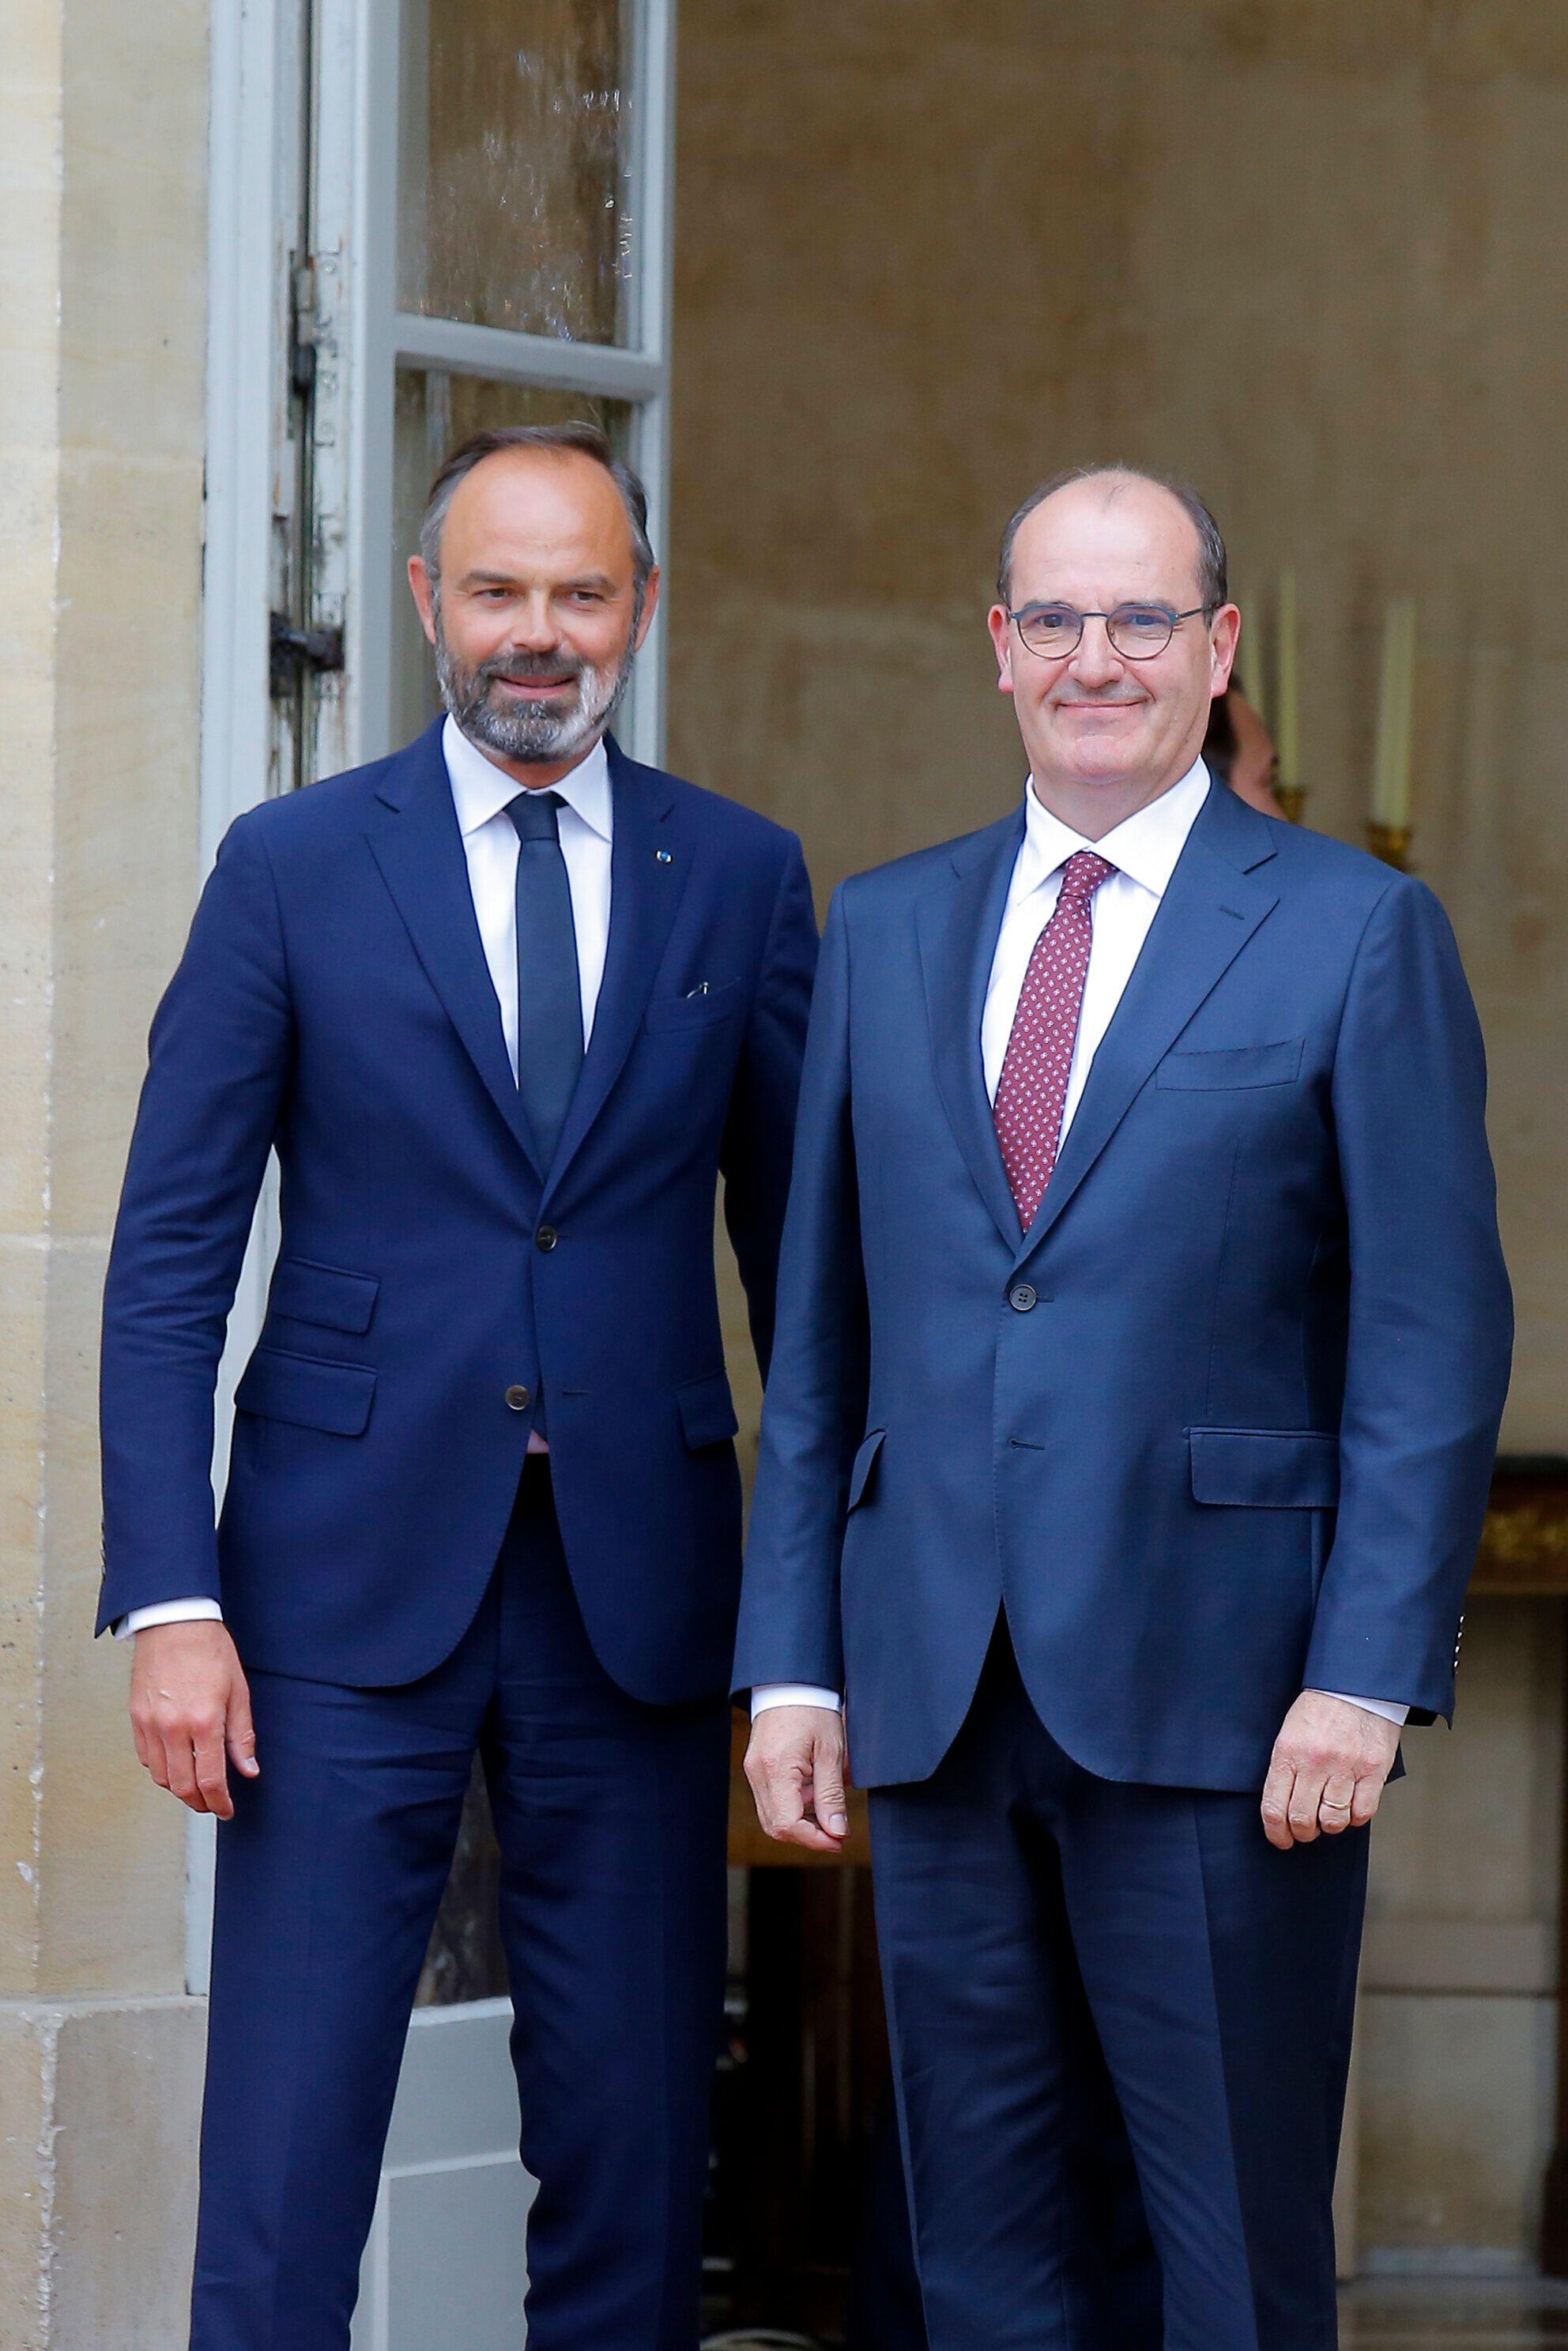 Edouard Philippe et Jean Castex lors de la passation de pouvoir à Matignon. Tous deux sont visés...